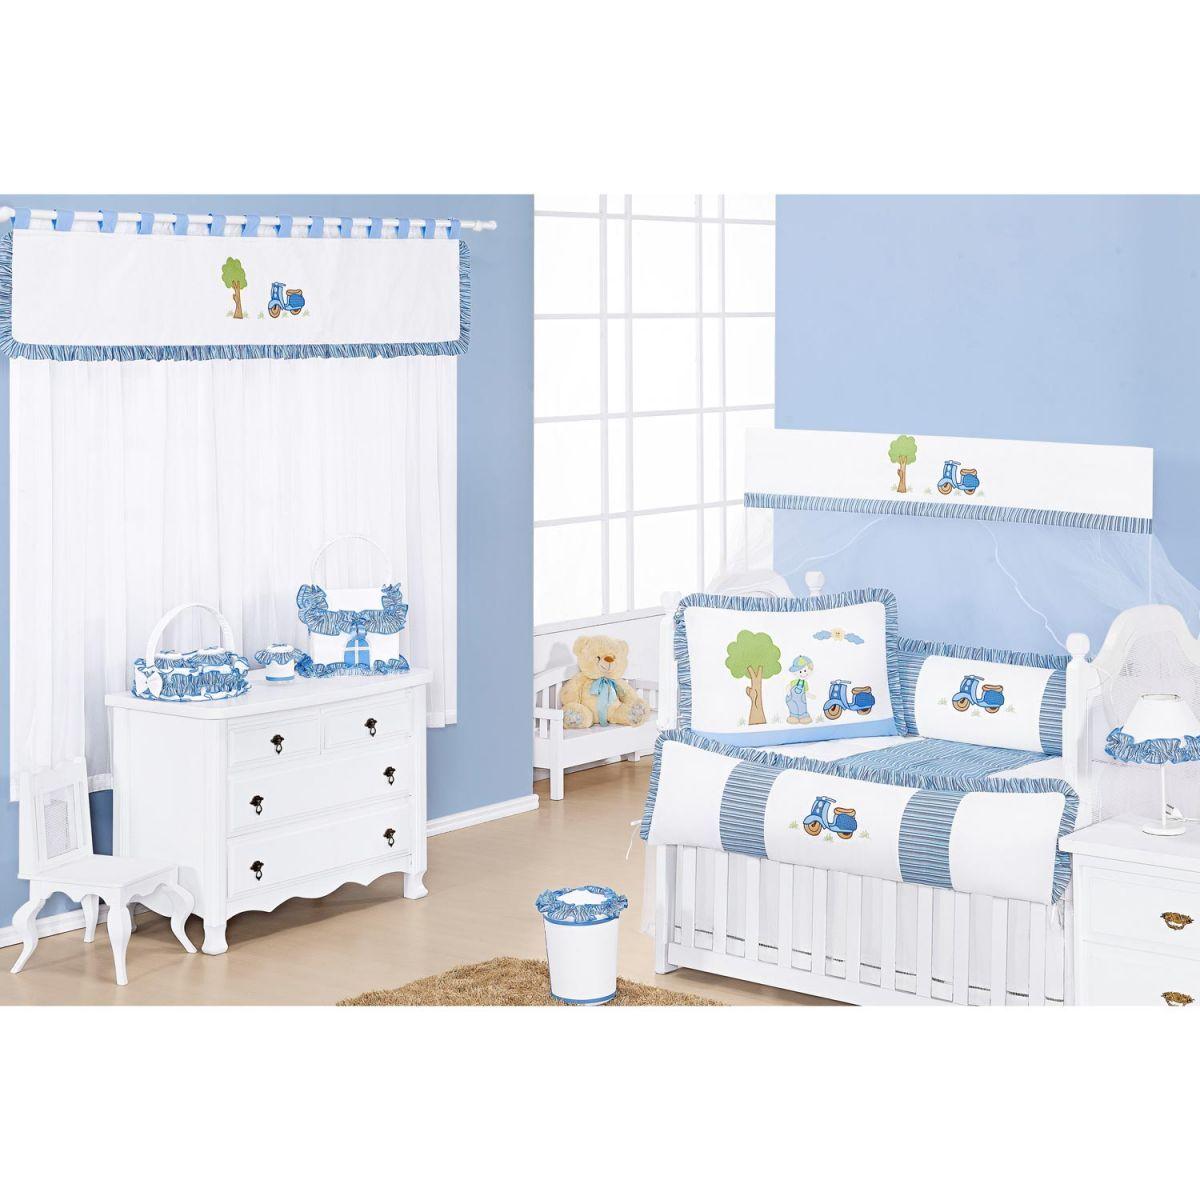 Lixeira Enfeitada para Quarto de Bebê Coleção Lambreta - Azul